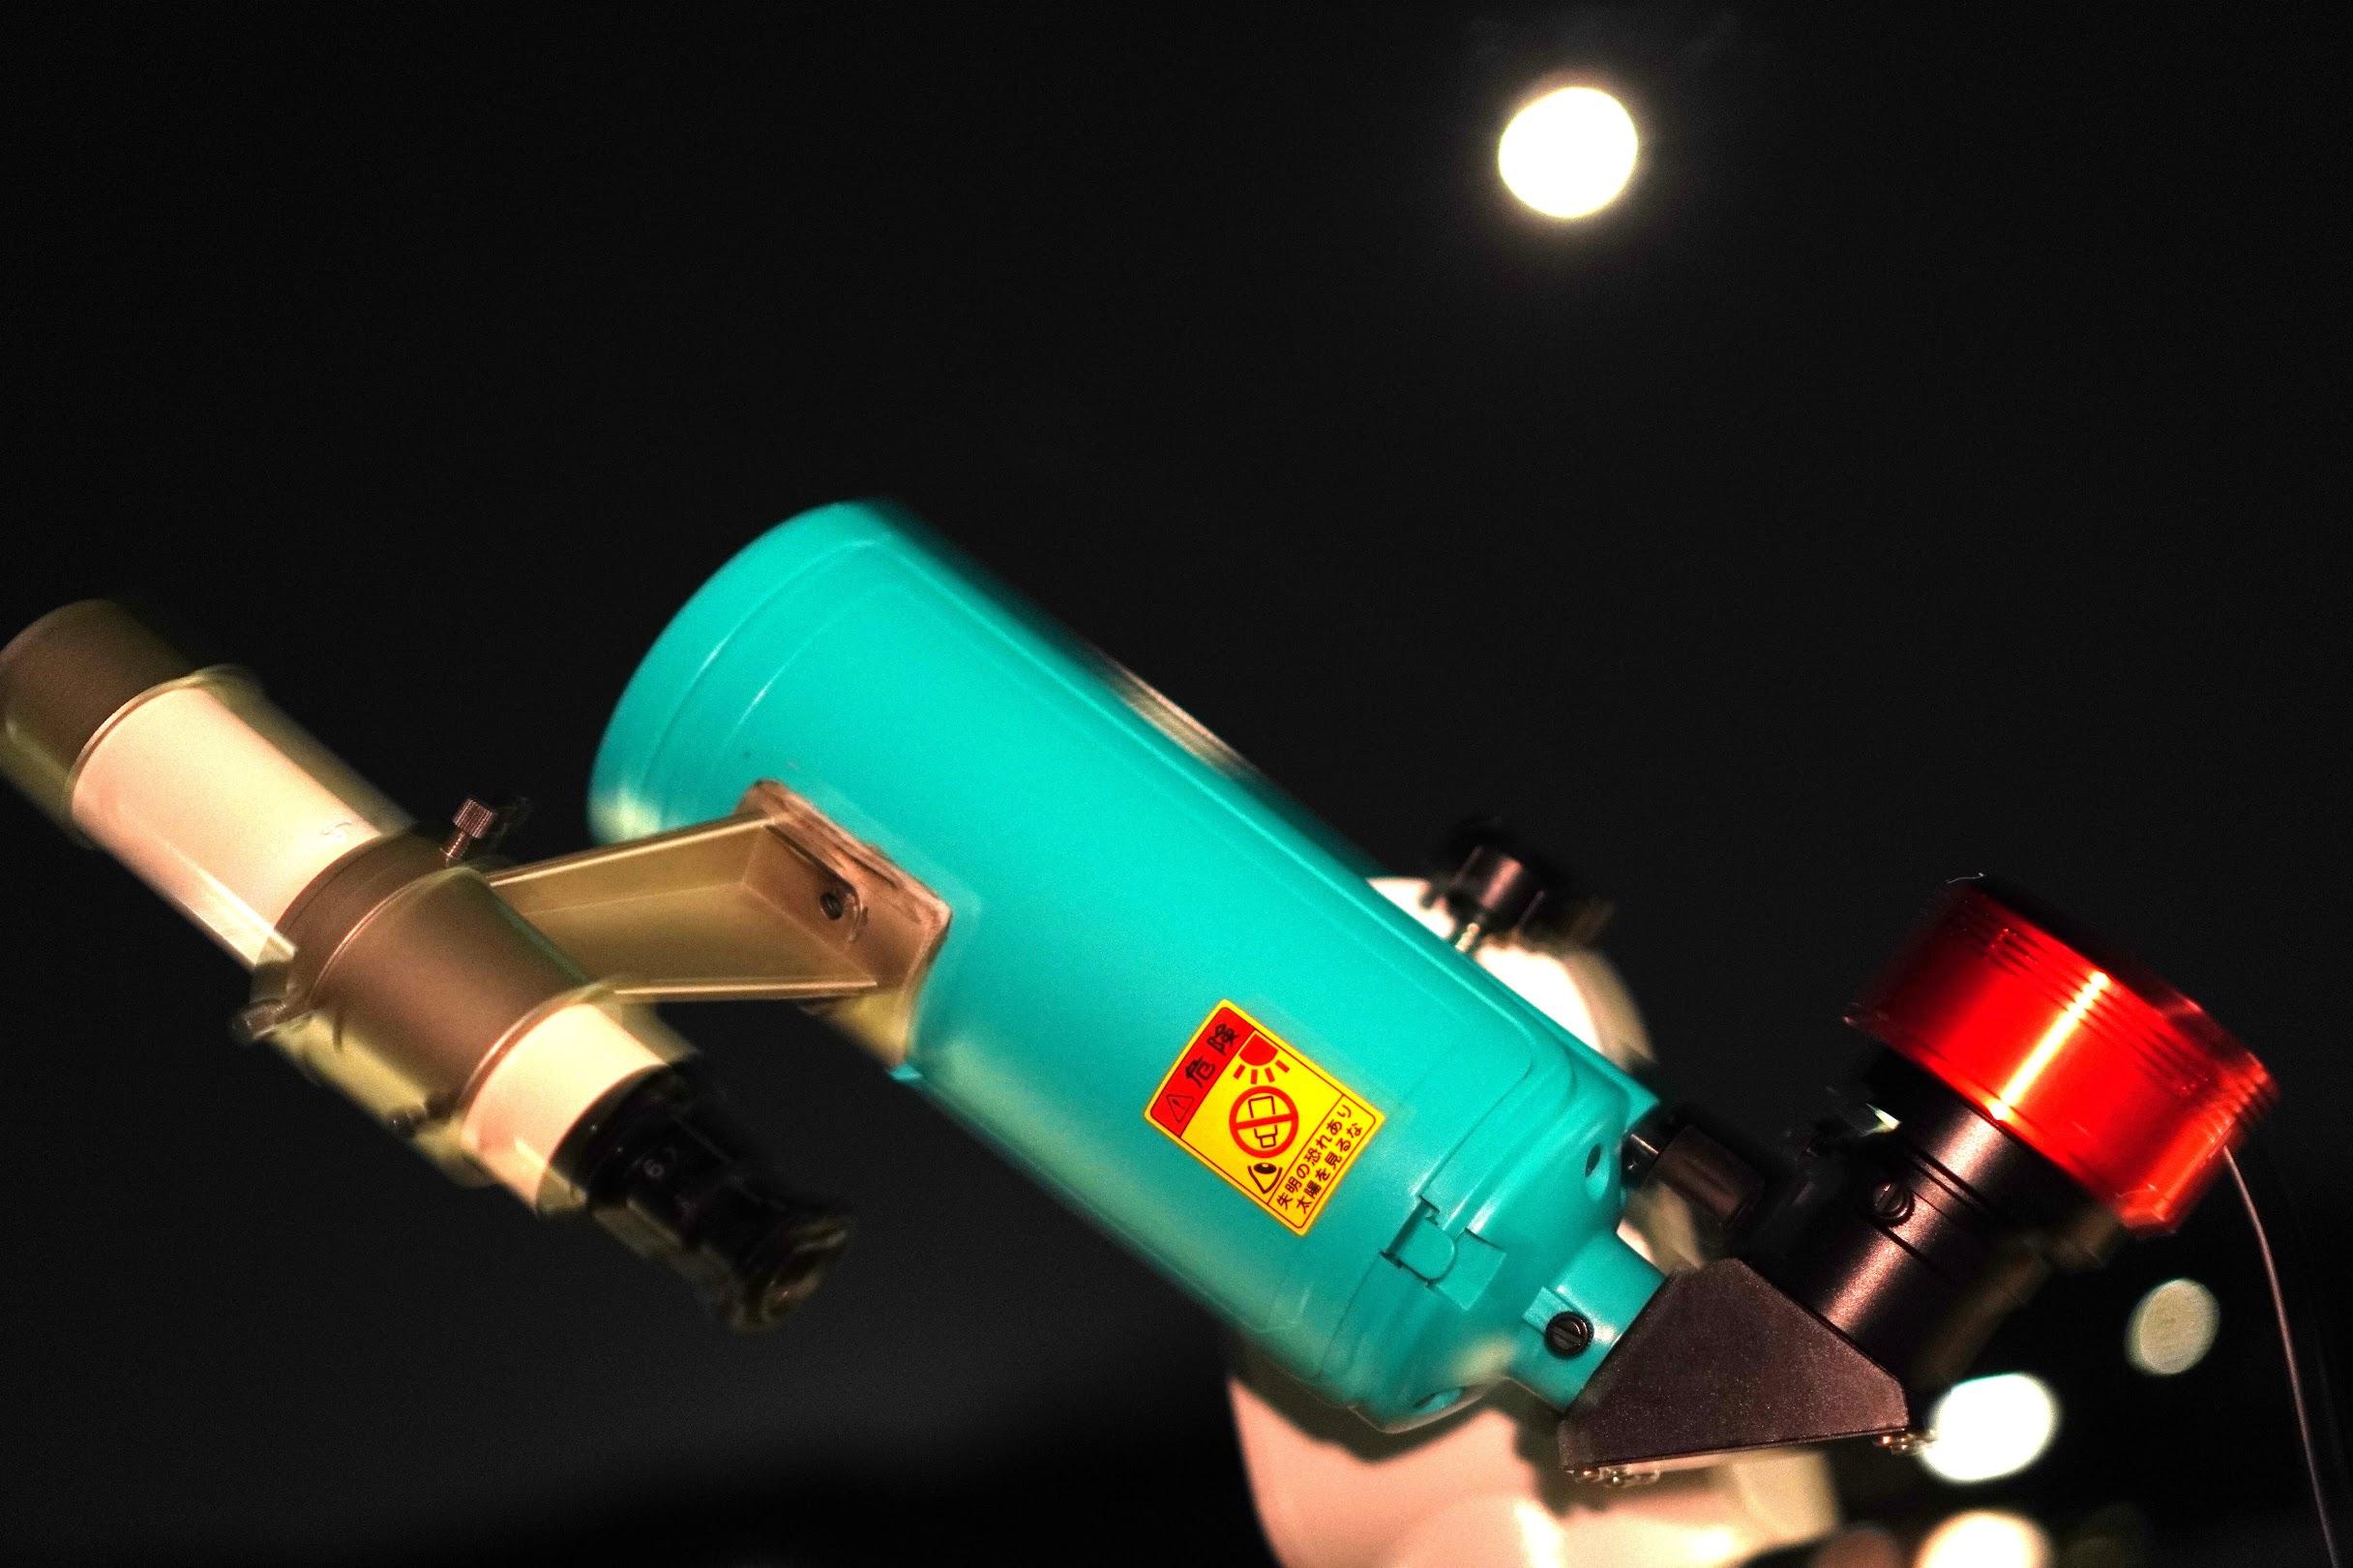 オモチャみたいな天体望遠鏡 MAKSY60で「M42オリオン大星雲」 を撮ってみました